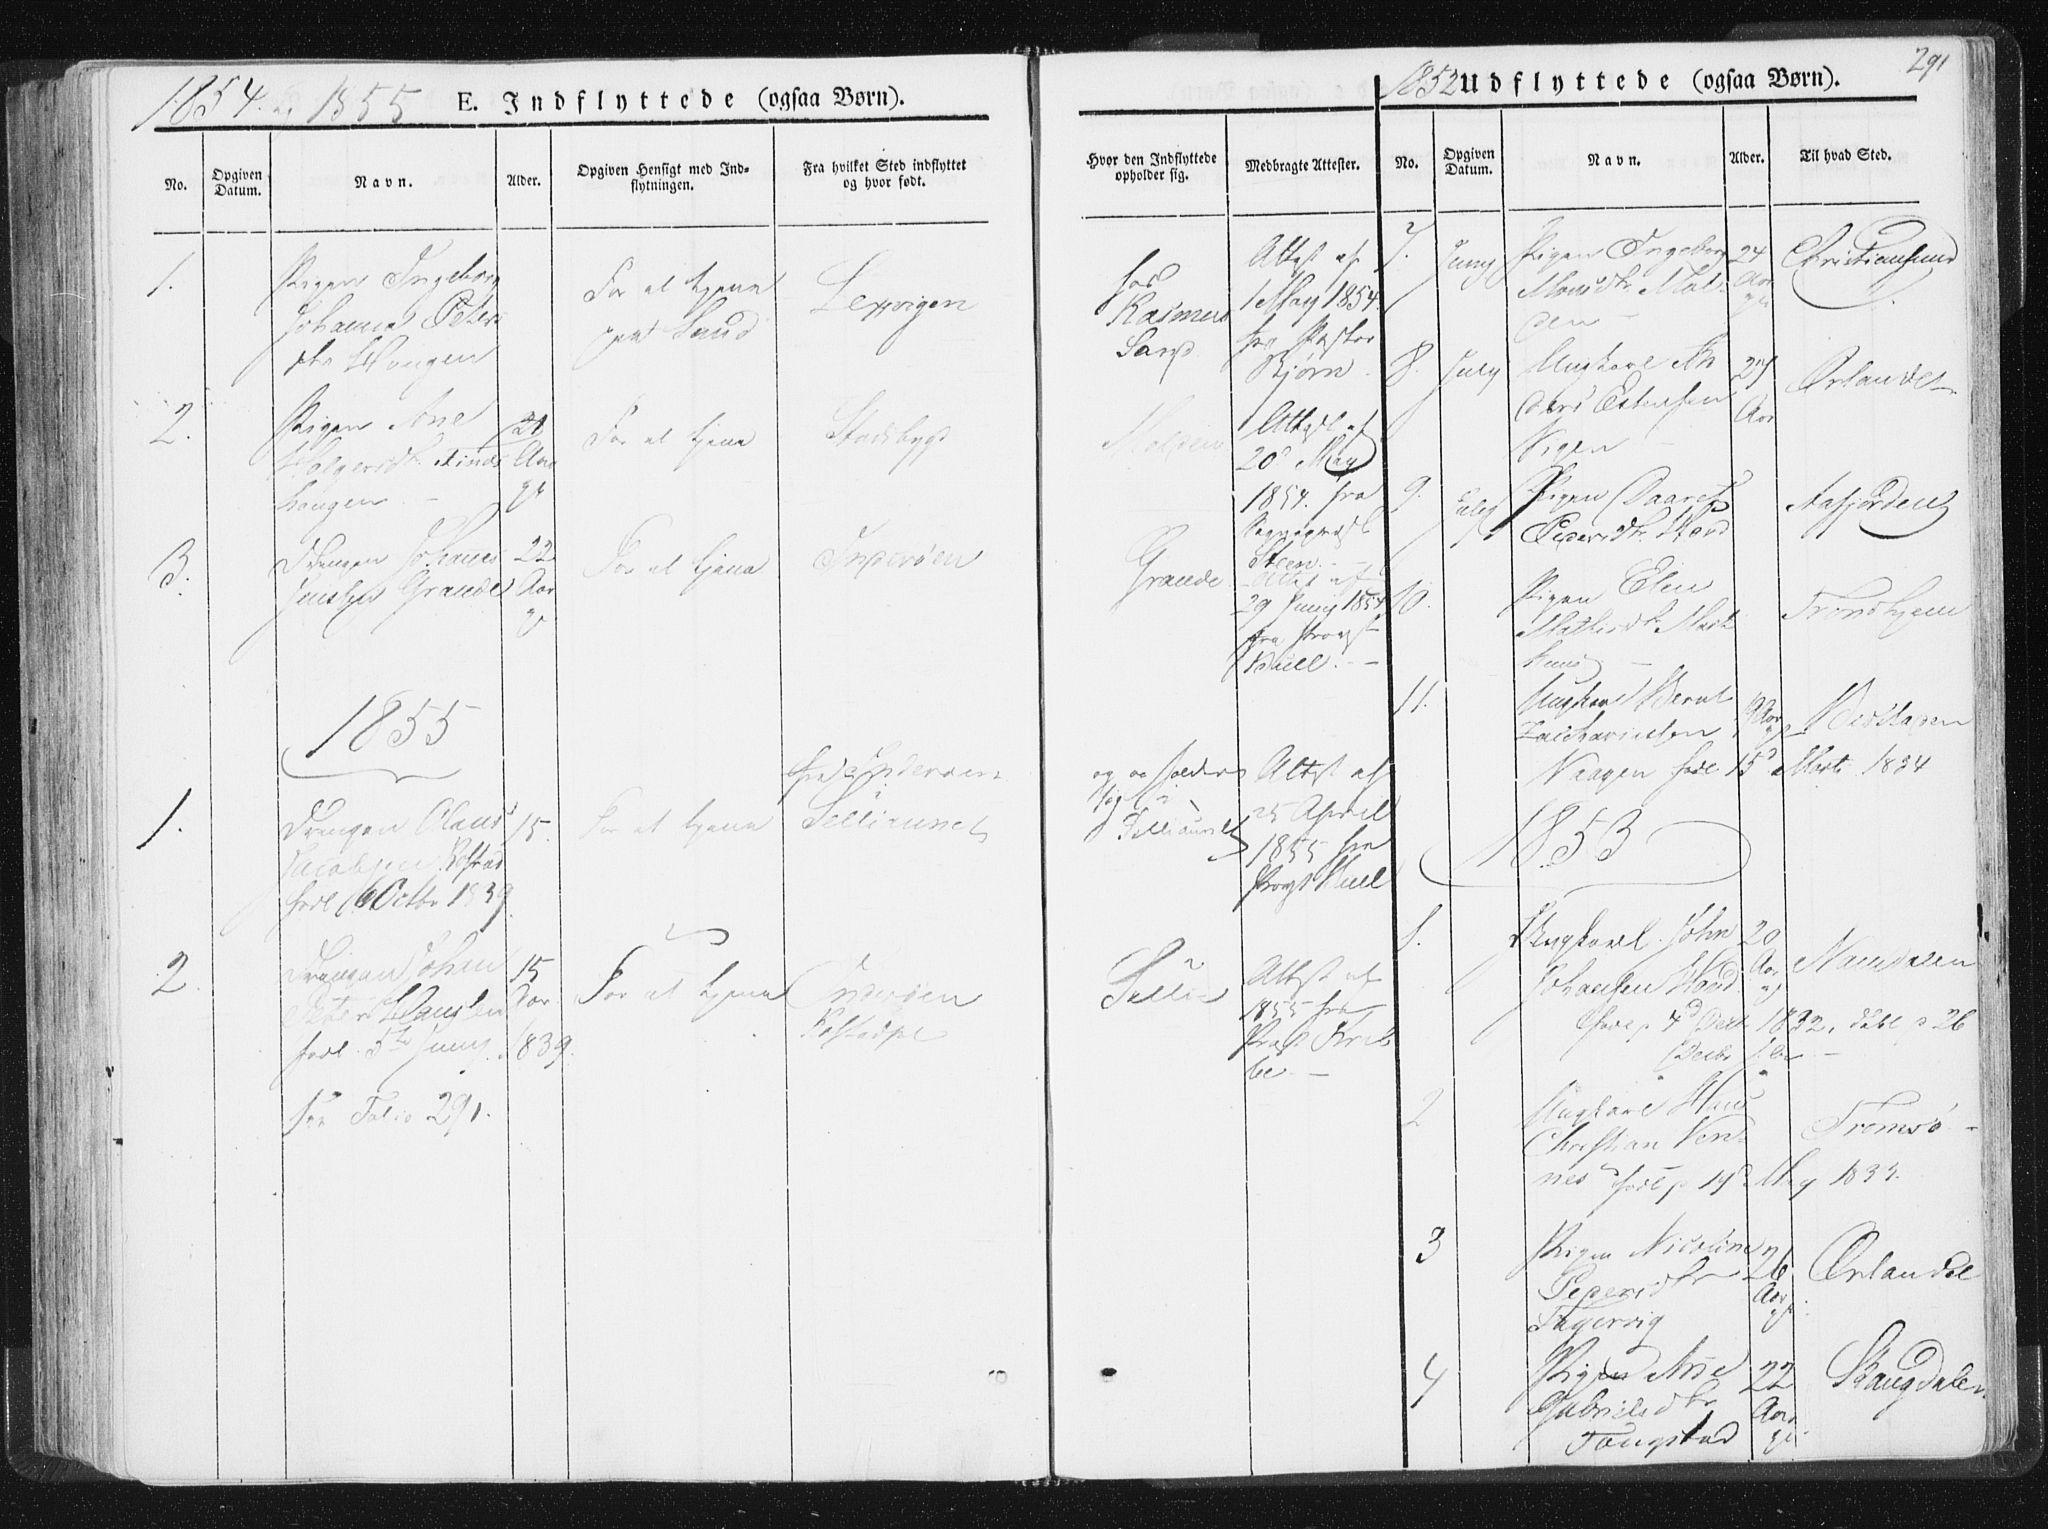 SAT, Ministerialprotokoller, klokkerbøker og fødselsregistre - Nord-Trøndelag, 744/L0418: Ministerialbok nr. 744A02, 1843-1866, s. 291